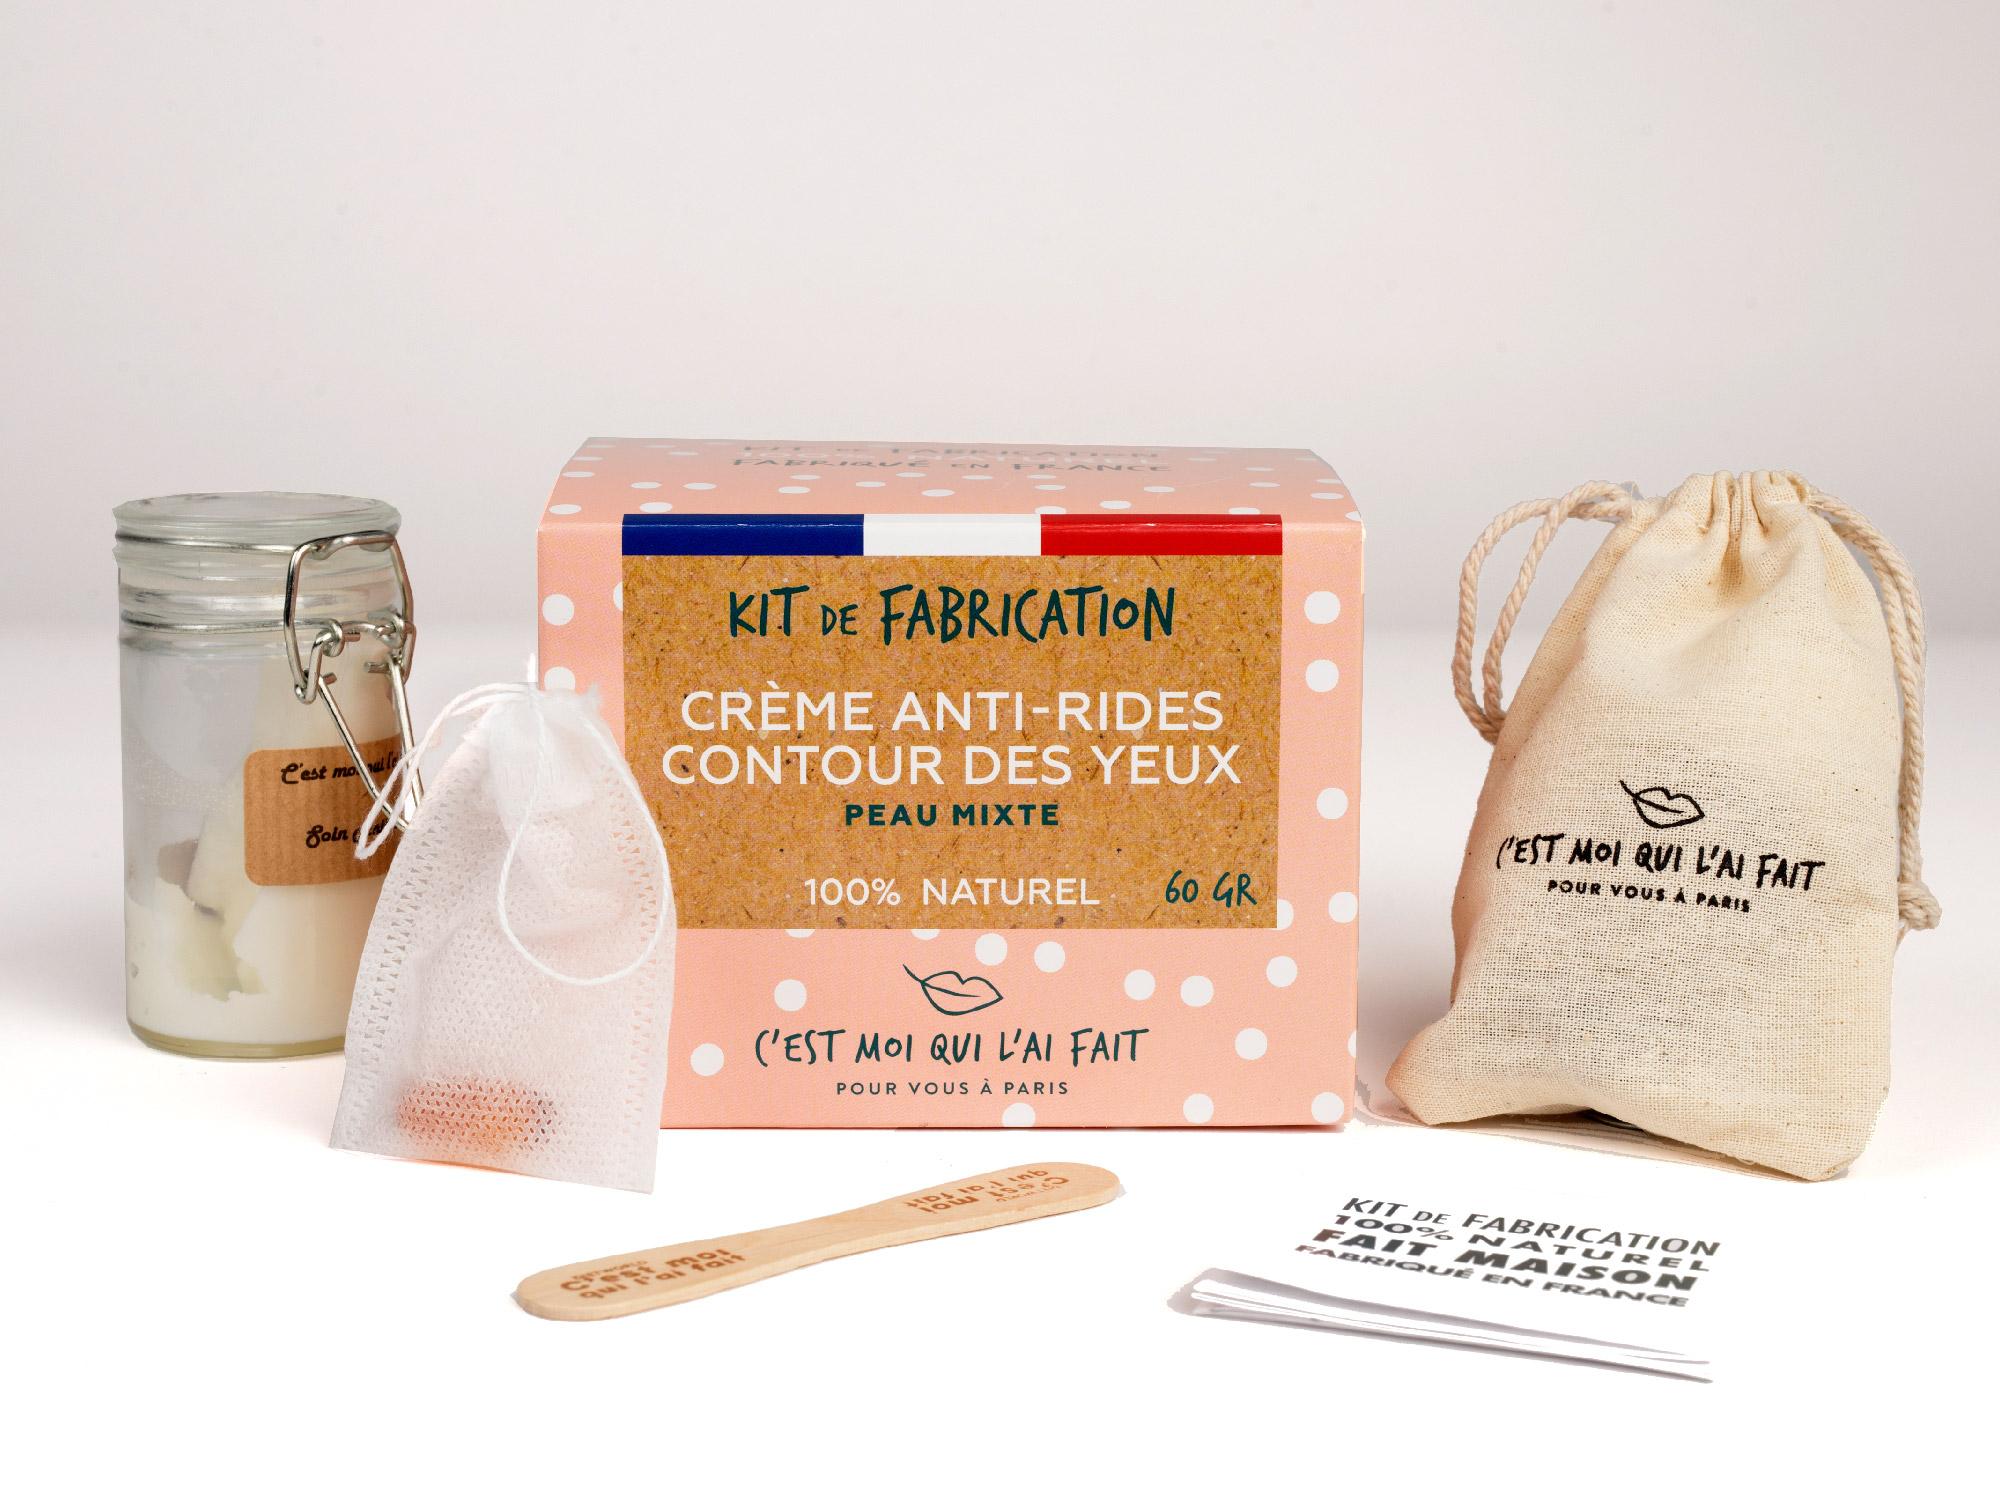 Kit de Fabrication Crème anti-rides et contour des yeux